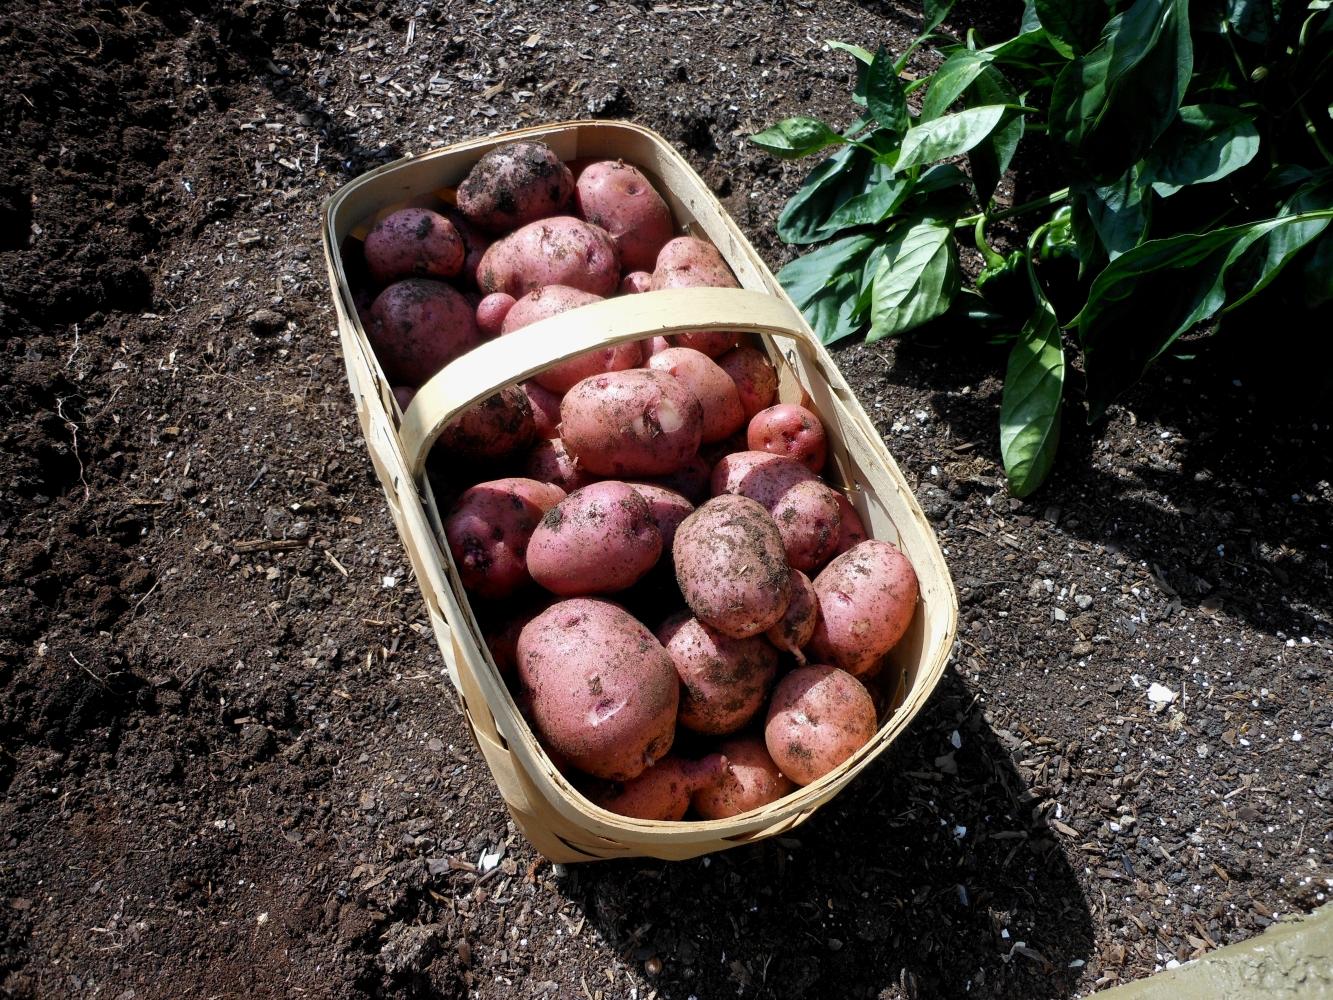 06-27-14_Picking_Potatoes_05